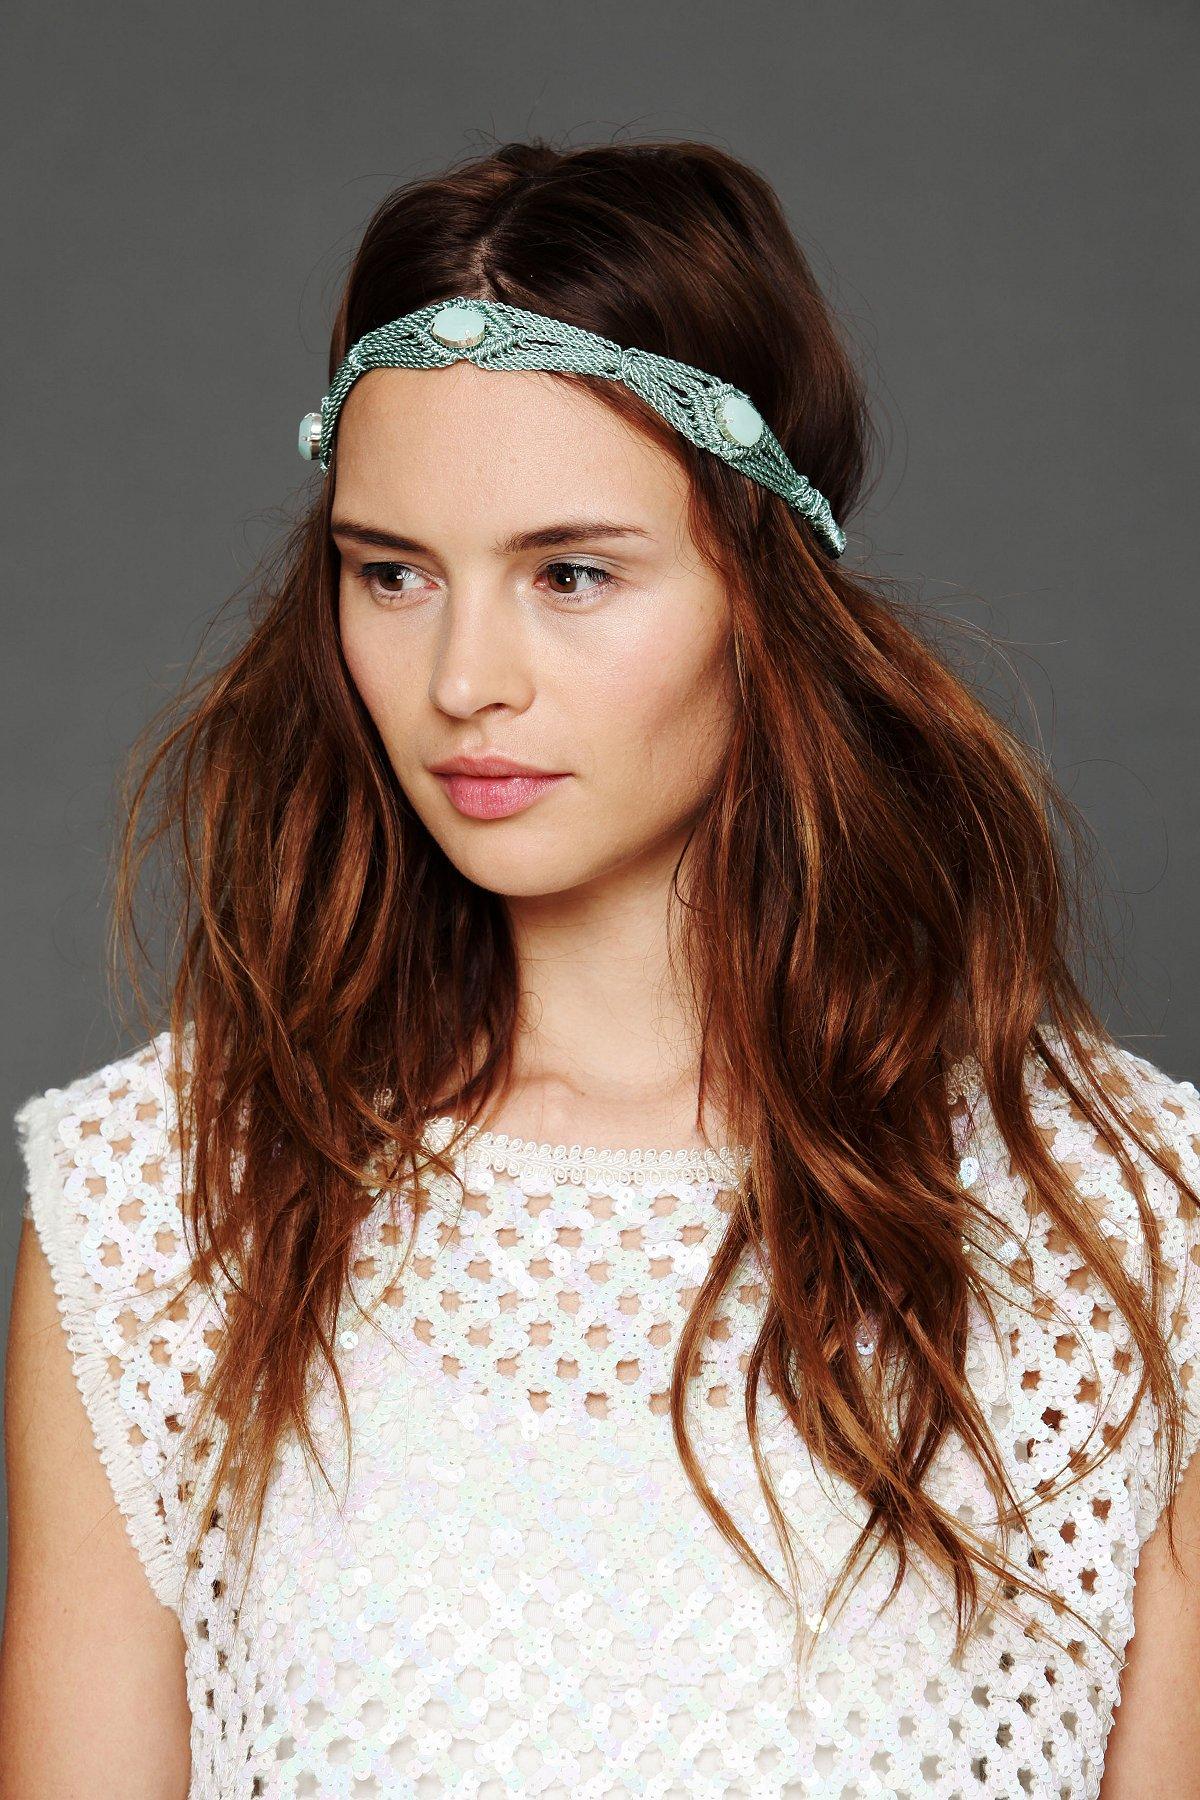 Center Stone Headband